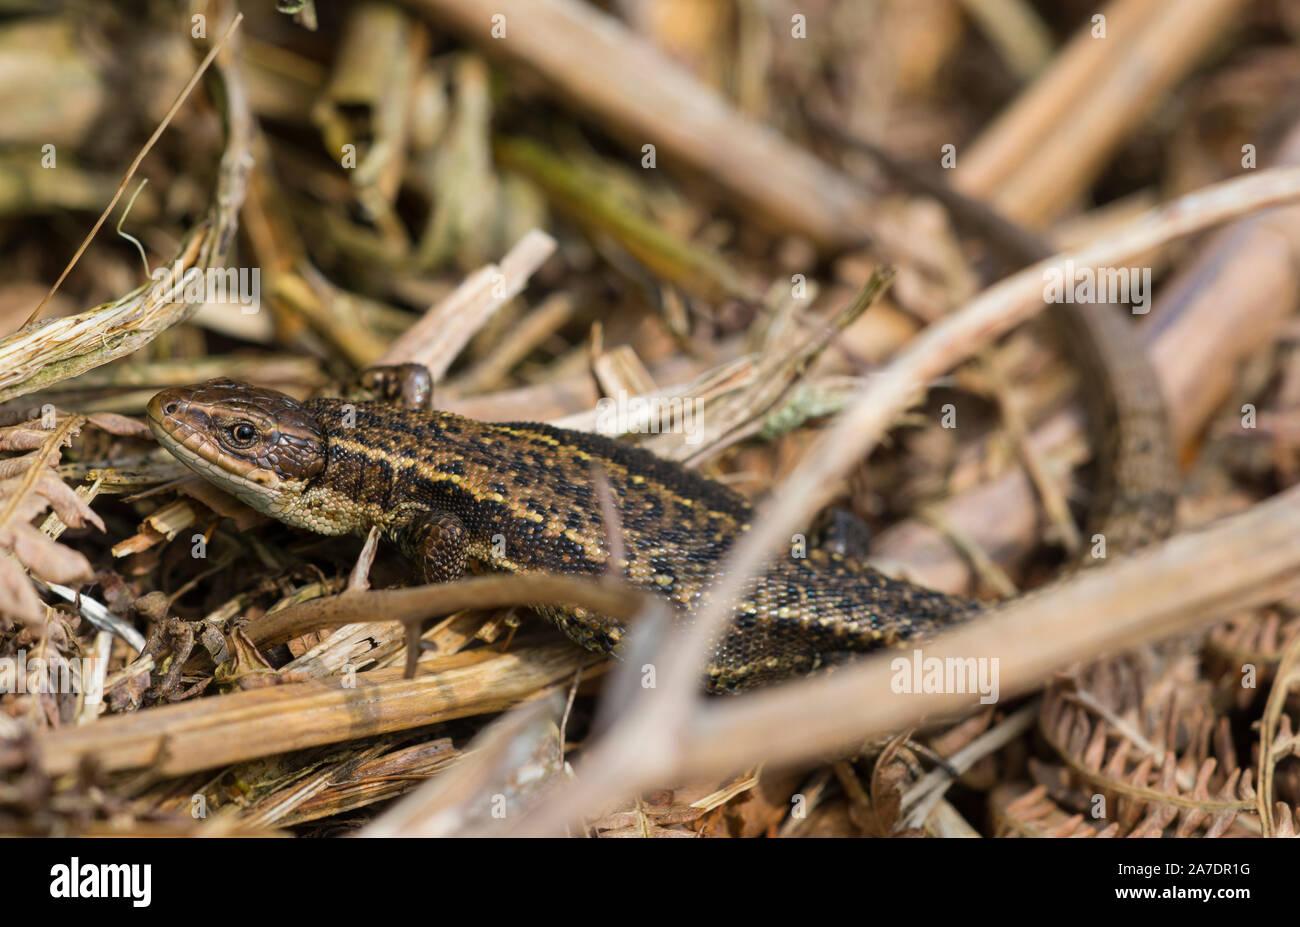 Männliche common/lebendgebärenden Lizard (Zootoca Vivipara) Aalen in Nordengland Pennines. Stockfoto